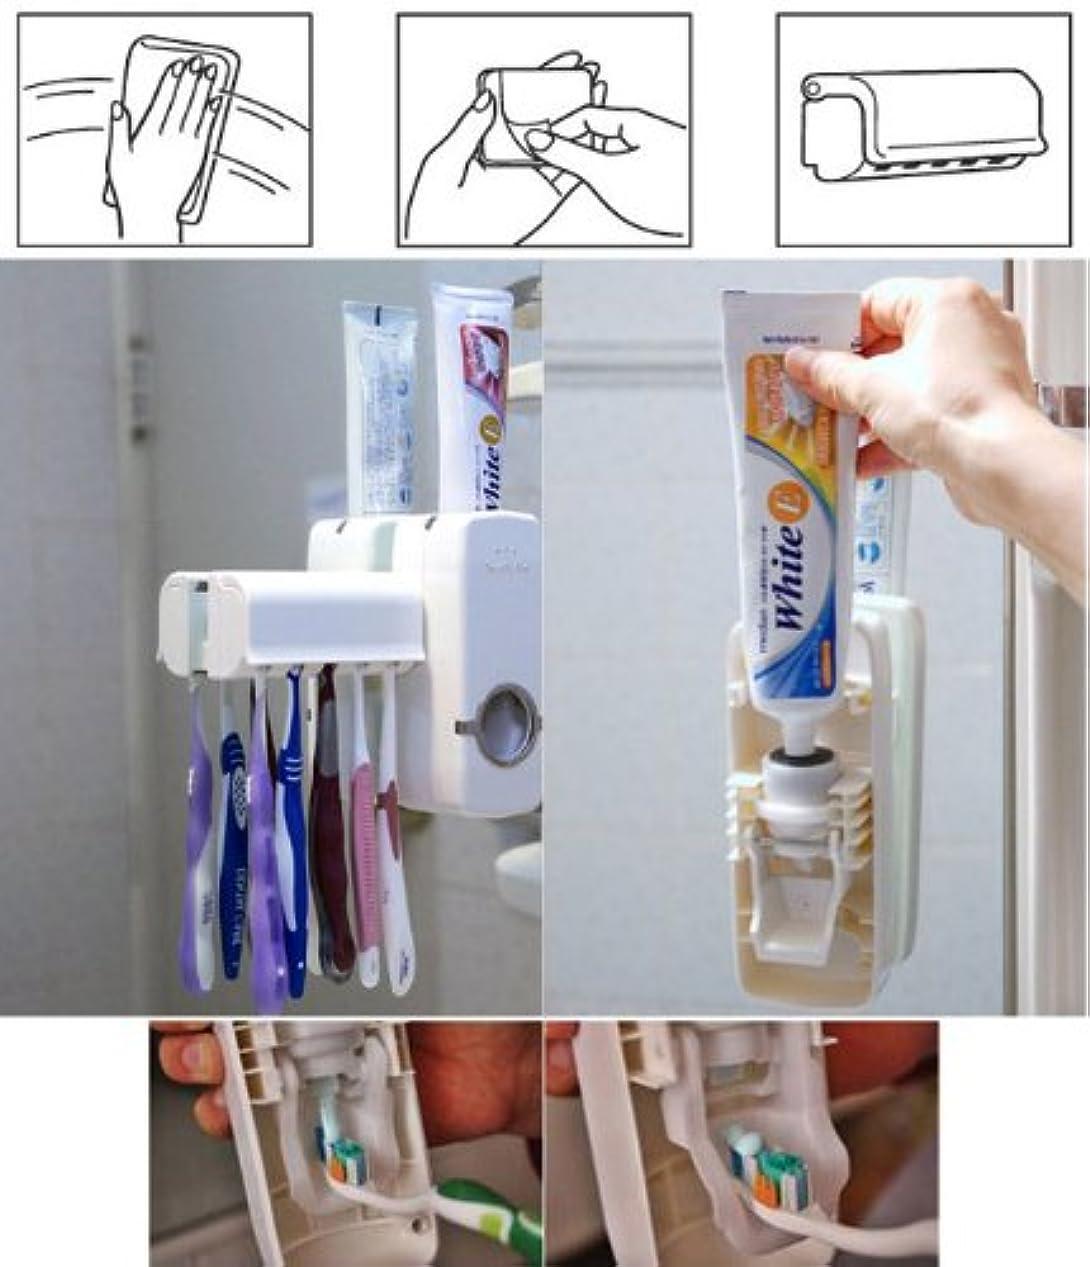 AFFECO歯 ブラシ ホルダー 自動 歯磨き粉 ディスペンサーウォールマウント スタンド ツール